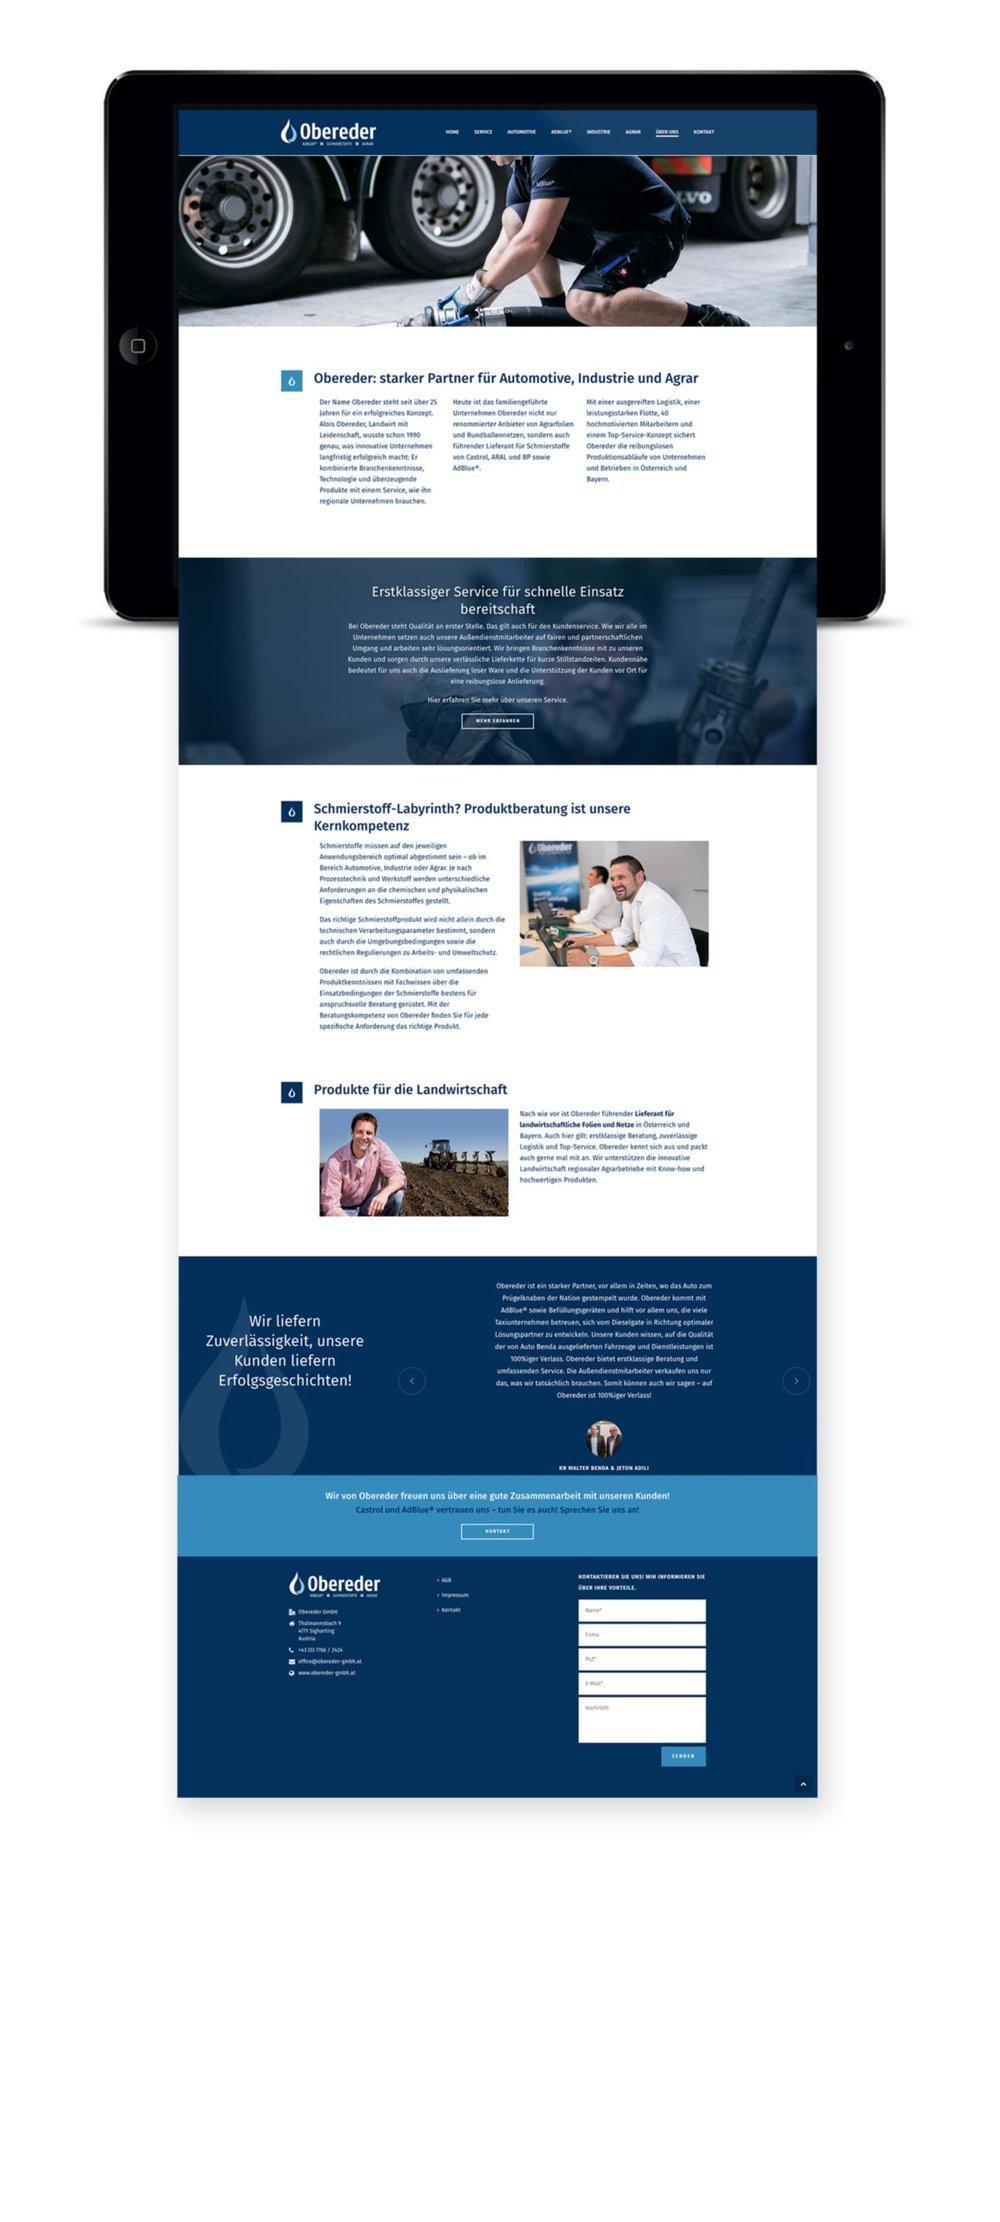 website-ueber-uns-obereder-gmbh-designkitchen.jpg